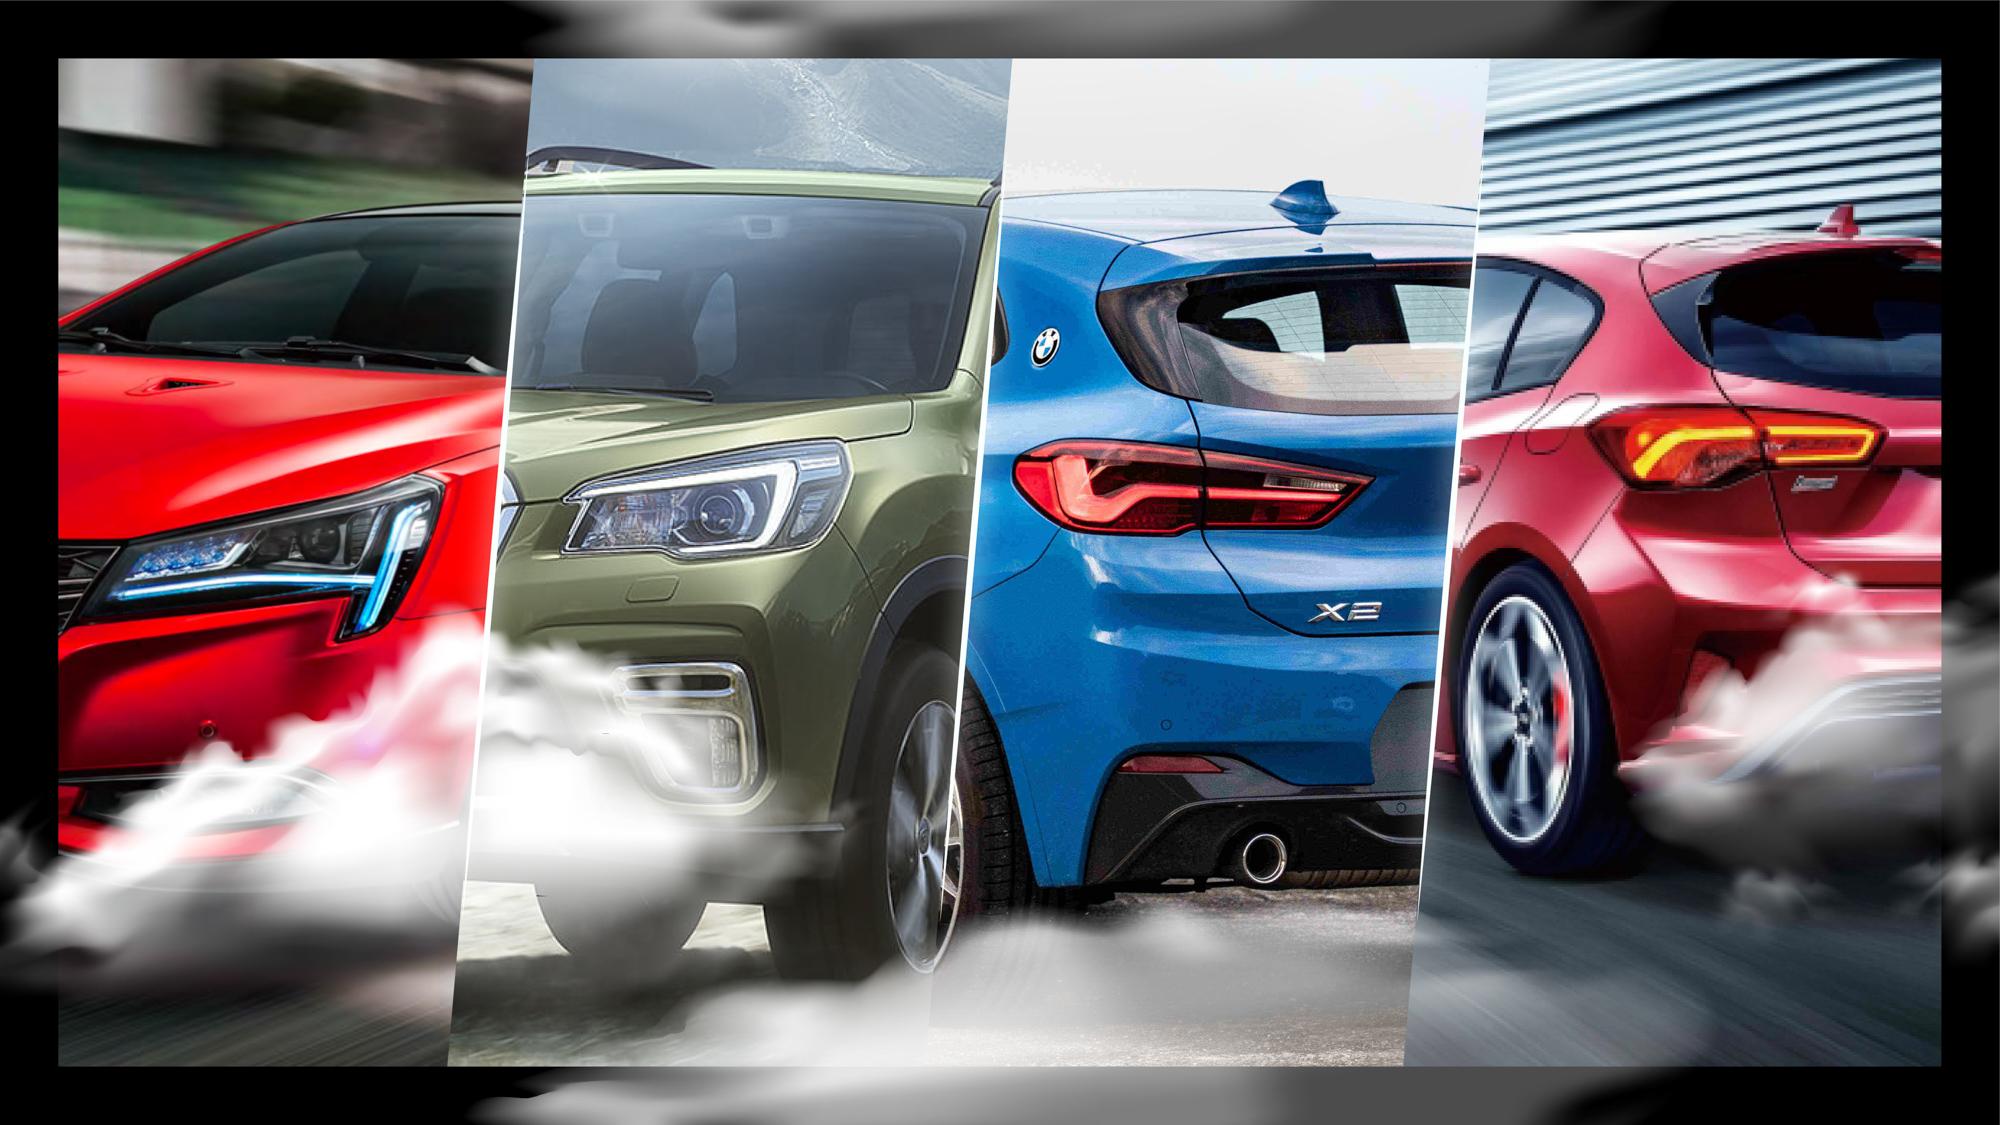 2020 年 4 月購車優惠總整理!買車看這最便宜